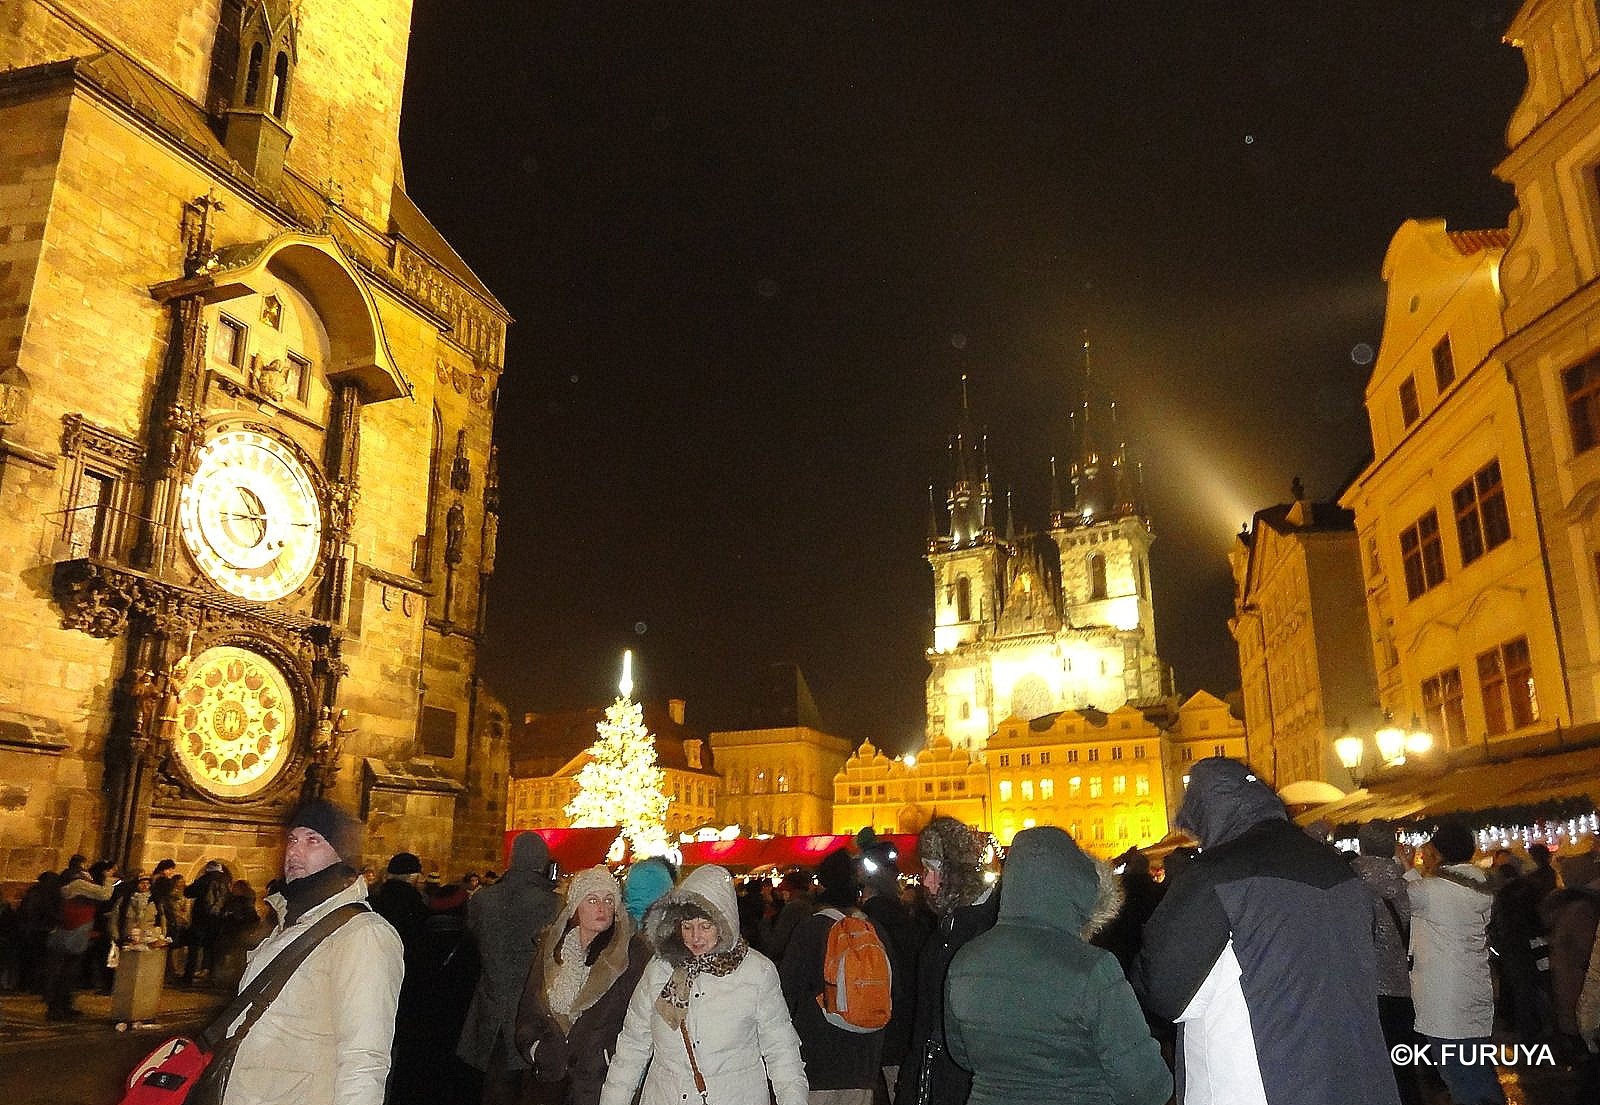 プラハ 14 旧市街広場のクリスマスマーケット_a0092659_22262097.jpg